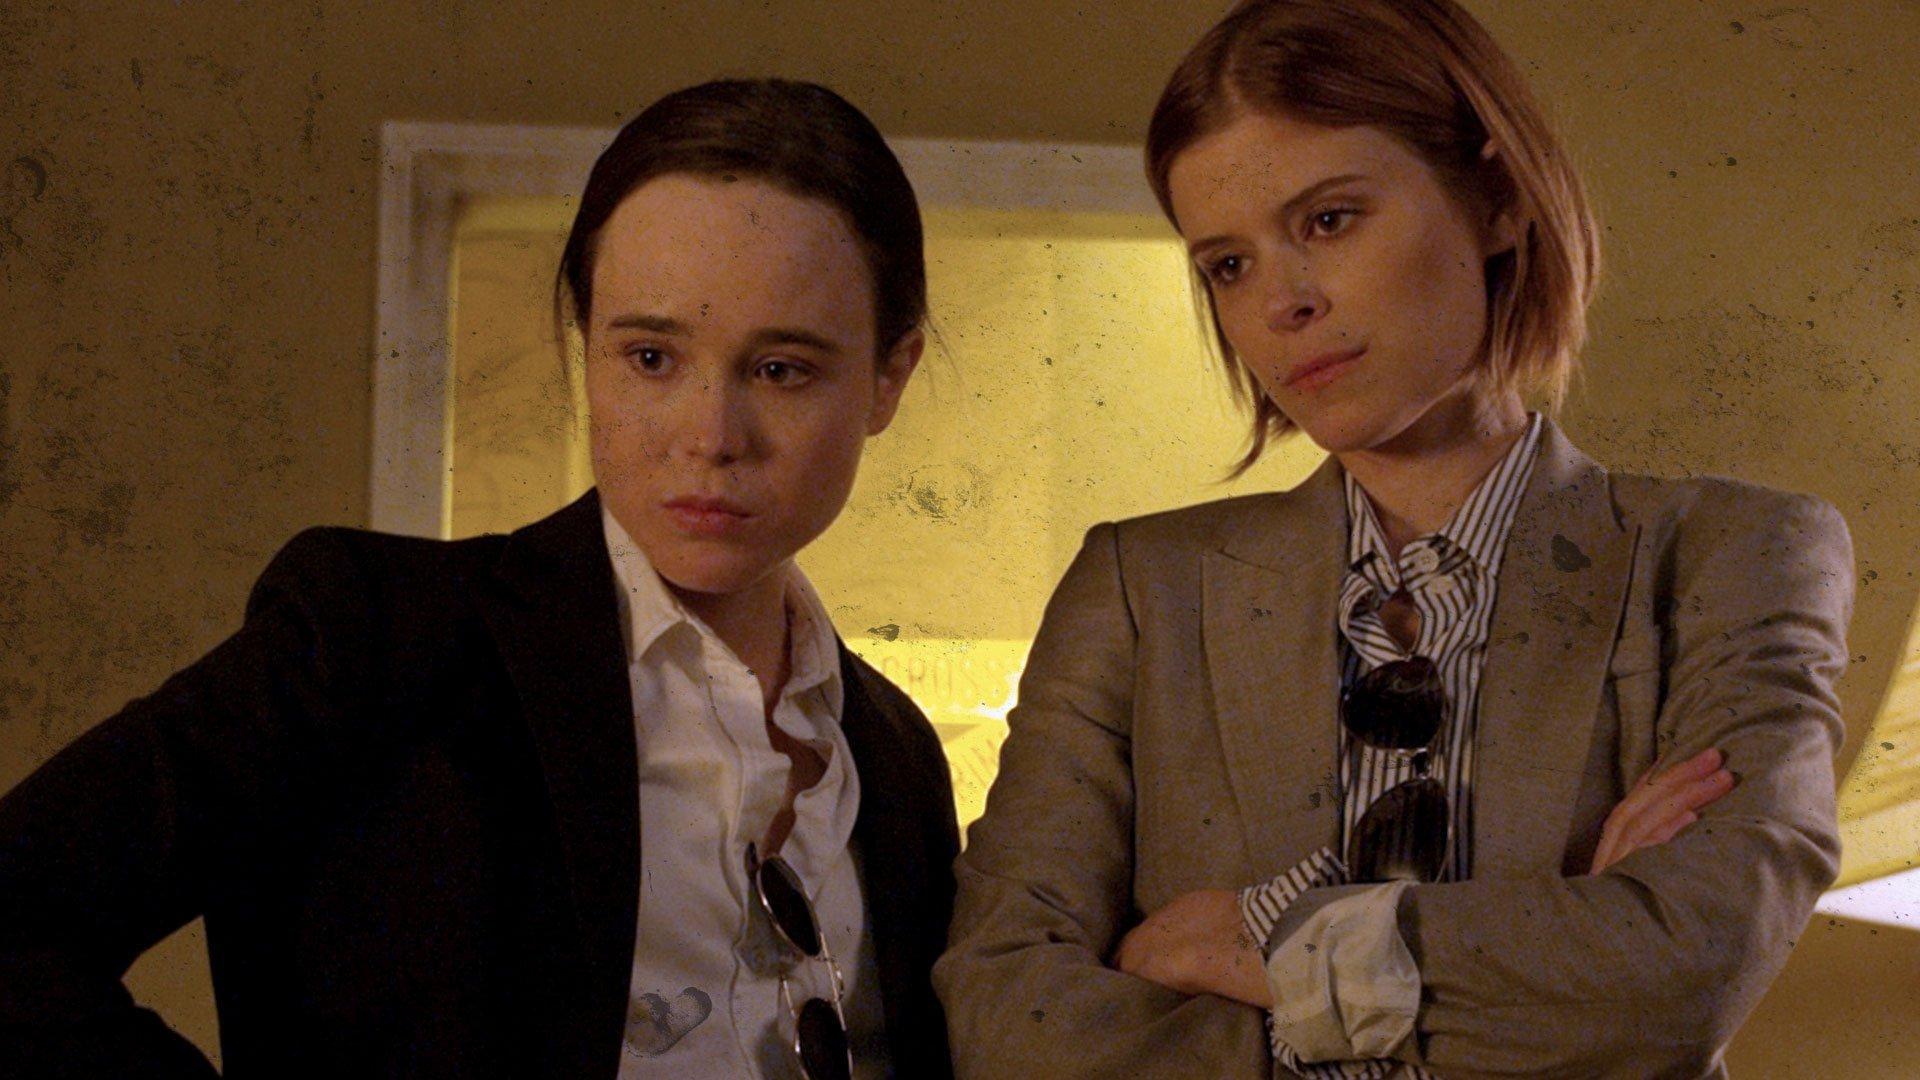 Ellen Page et Kate Mara bientôt réunies dans un film lesbien